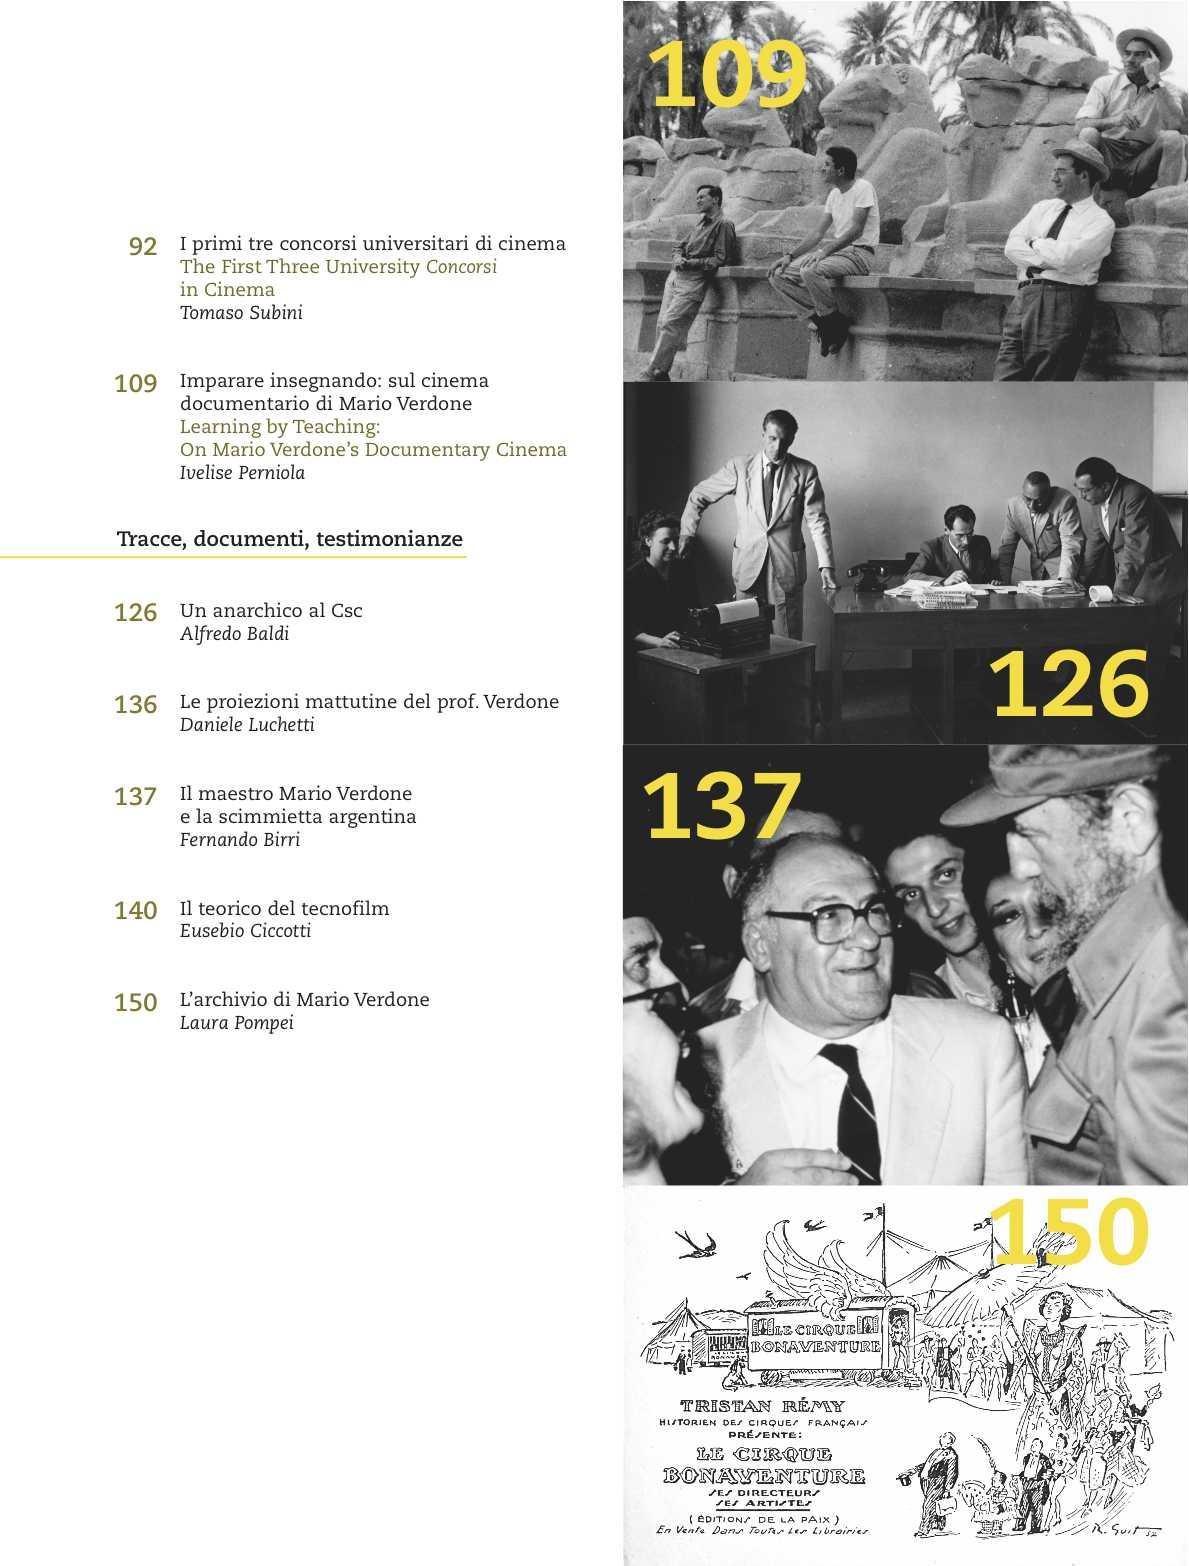 bn-588-589-22-09-17-trascinato-1